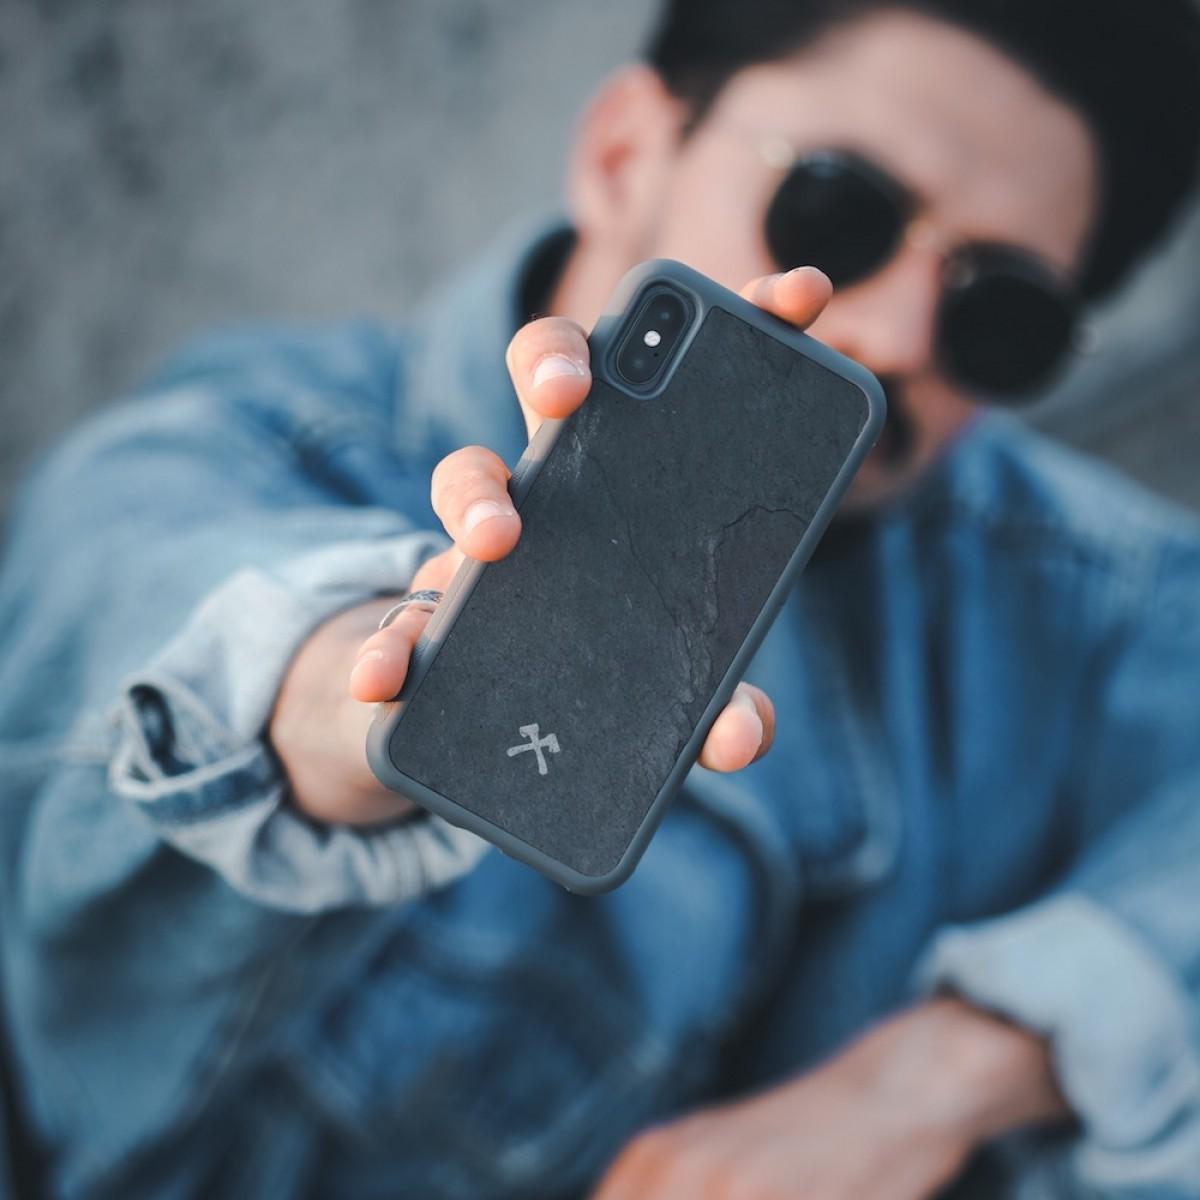 Woodcessories - EcoBump Stone - Premium Design Hülle, Case, Cover, Backcover für das iPhone Xr aus hochwertigem Stein (Volcano Schwarz, Camo Grau, Canyon Rot)